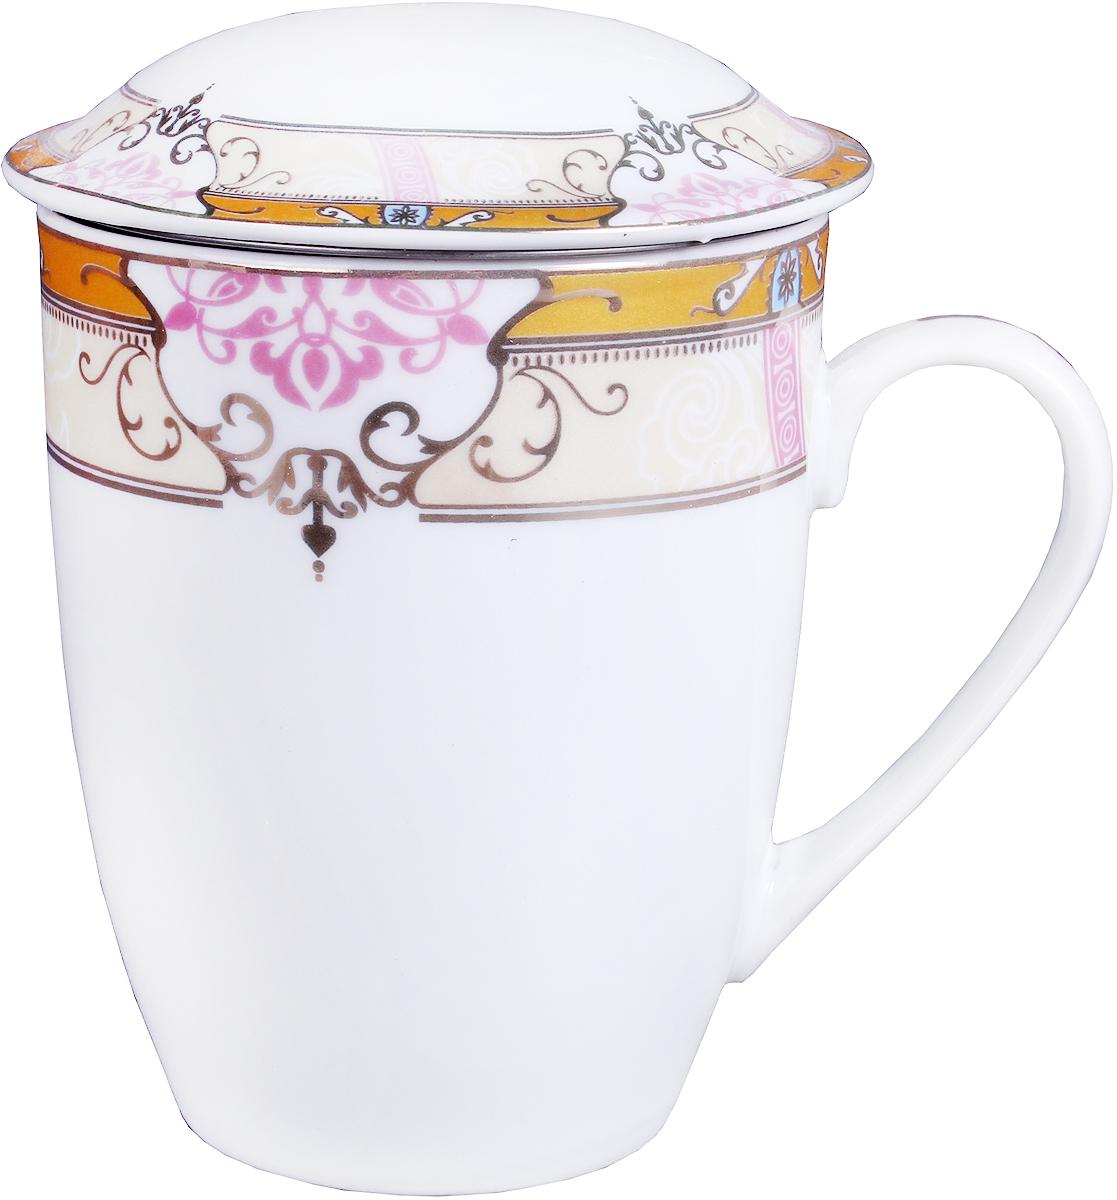 Кружка заварочная Olaff Mug Cover, с ситечком, 350 мл. LRG-MSCM-004LRG-MSCM-004Заварочная кружка Olaff Mug Cover изготовлена из фарфора. Изделие оснащено крышкой и металлическим ситечком. Благодаряситечку вы сможете заваривать чай непосредственно в кружке. Крышка дольше сохранит ваш напиток горячим.Кружка сочетает в себе оригинальный дизайн и функциональность. Благодаря такой кружке пить напитки будет еще вкуснее. Кружка Olaff Mug Cover согреет вас долгими холодными вечерами. Объем кружки: 350 мл.